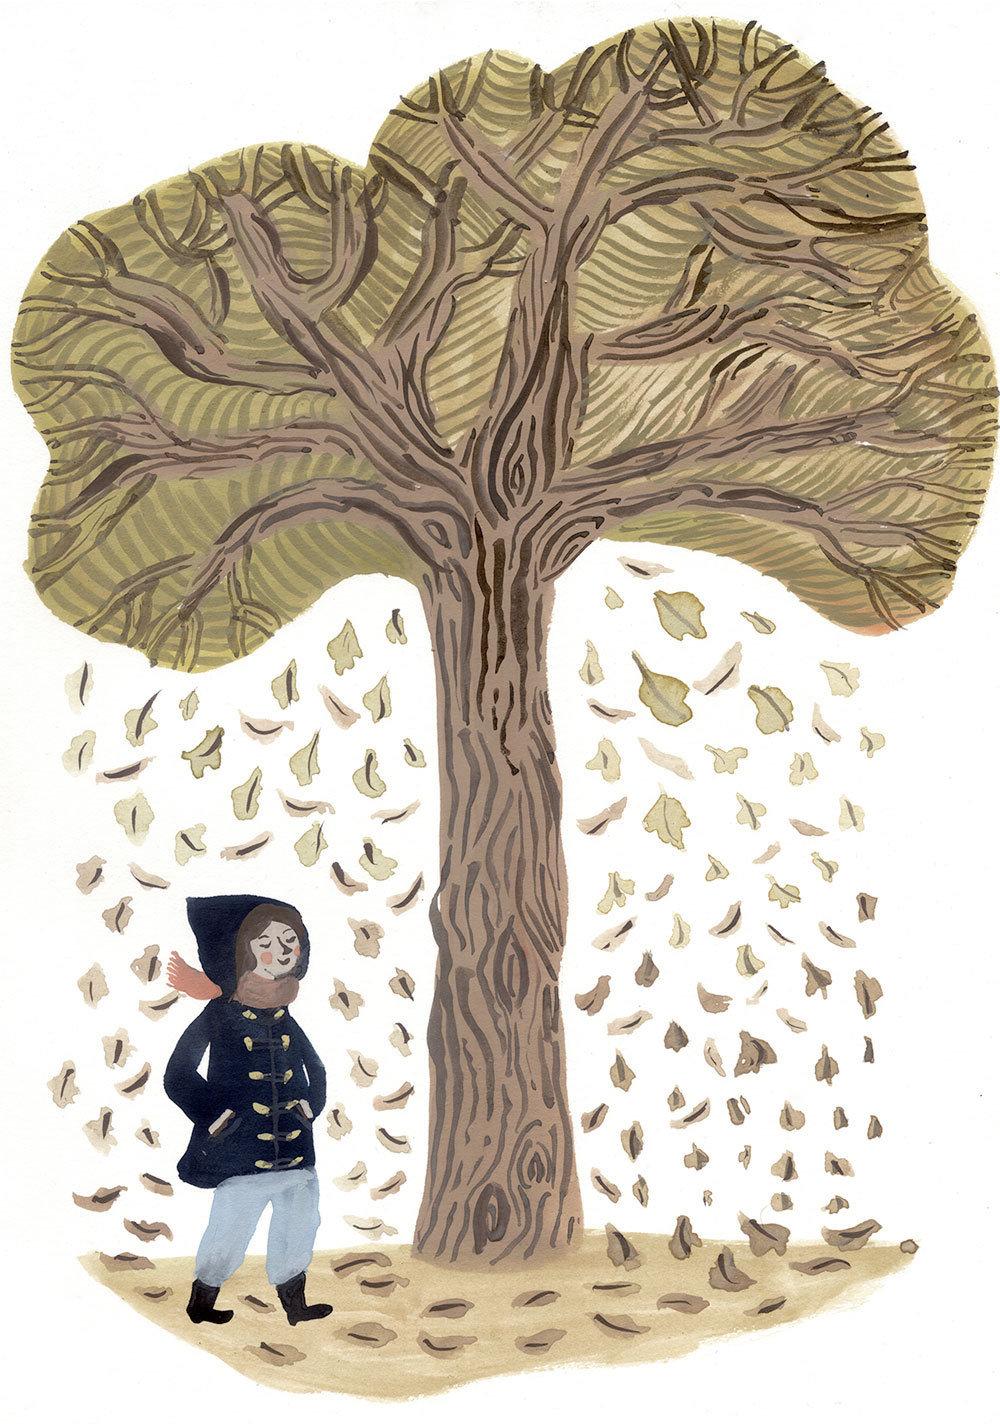 своей картинки рисунок дерева и человека того, бывшая участница